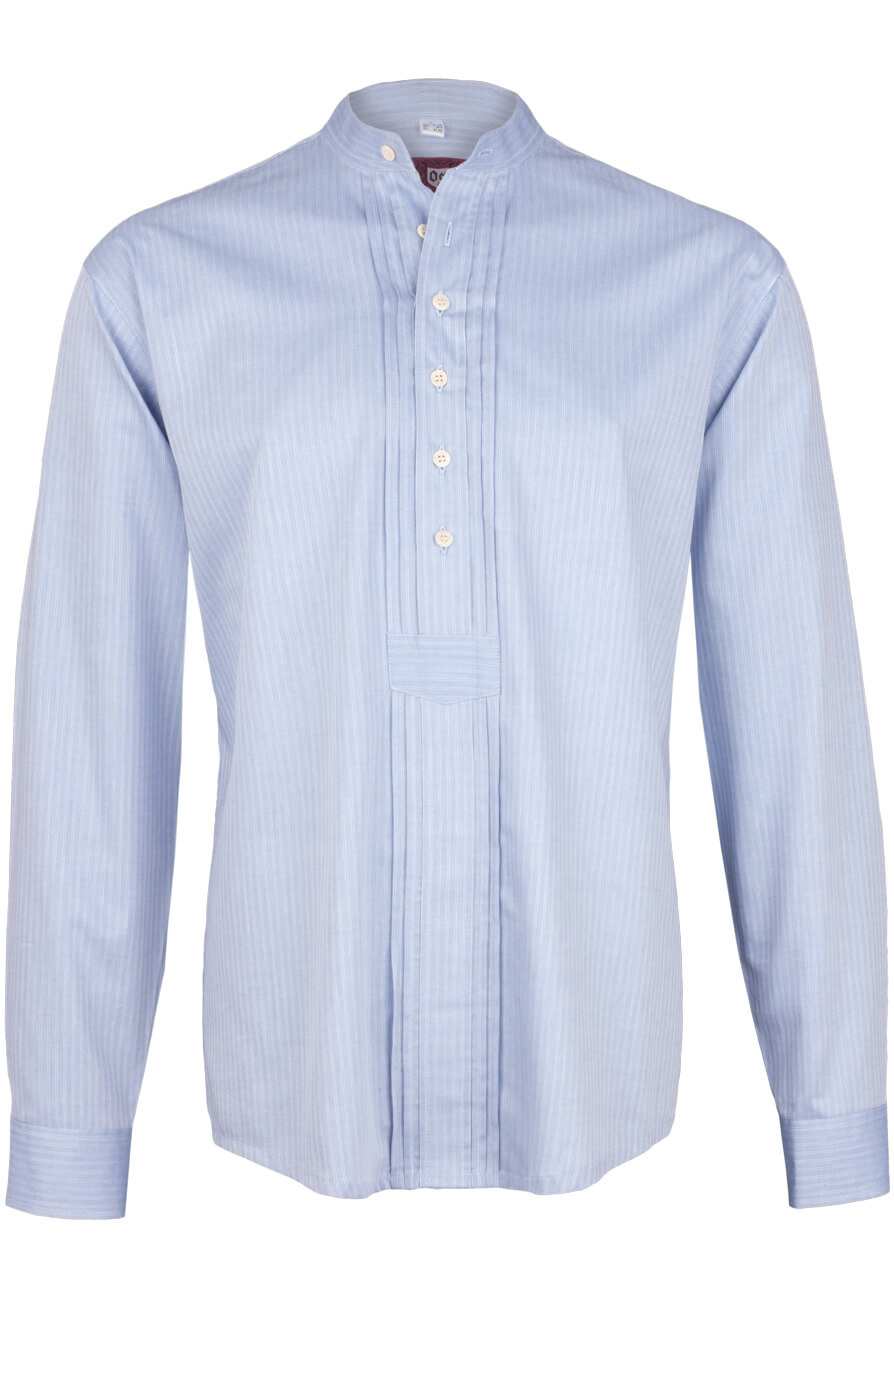 weitere Bilder von German traditional shirt 920001-3485-41 lightblue